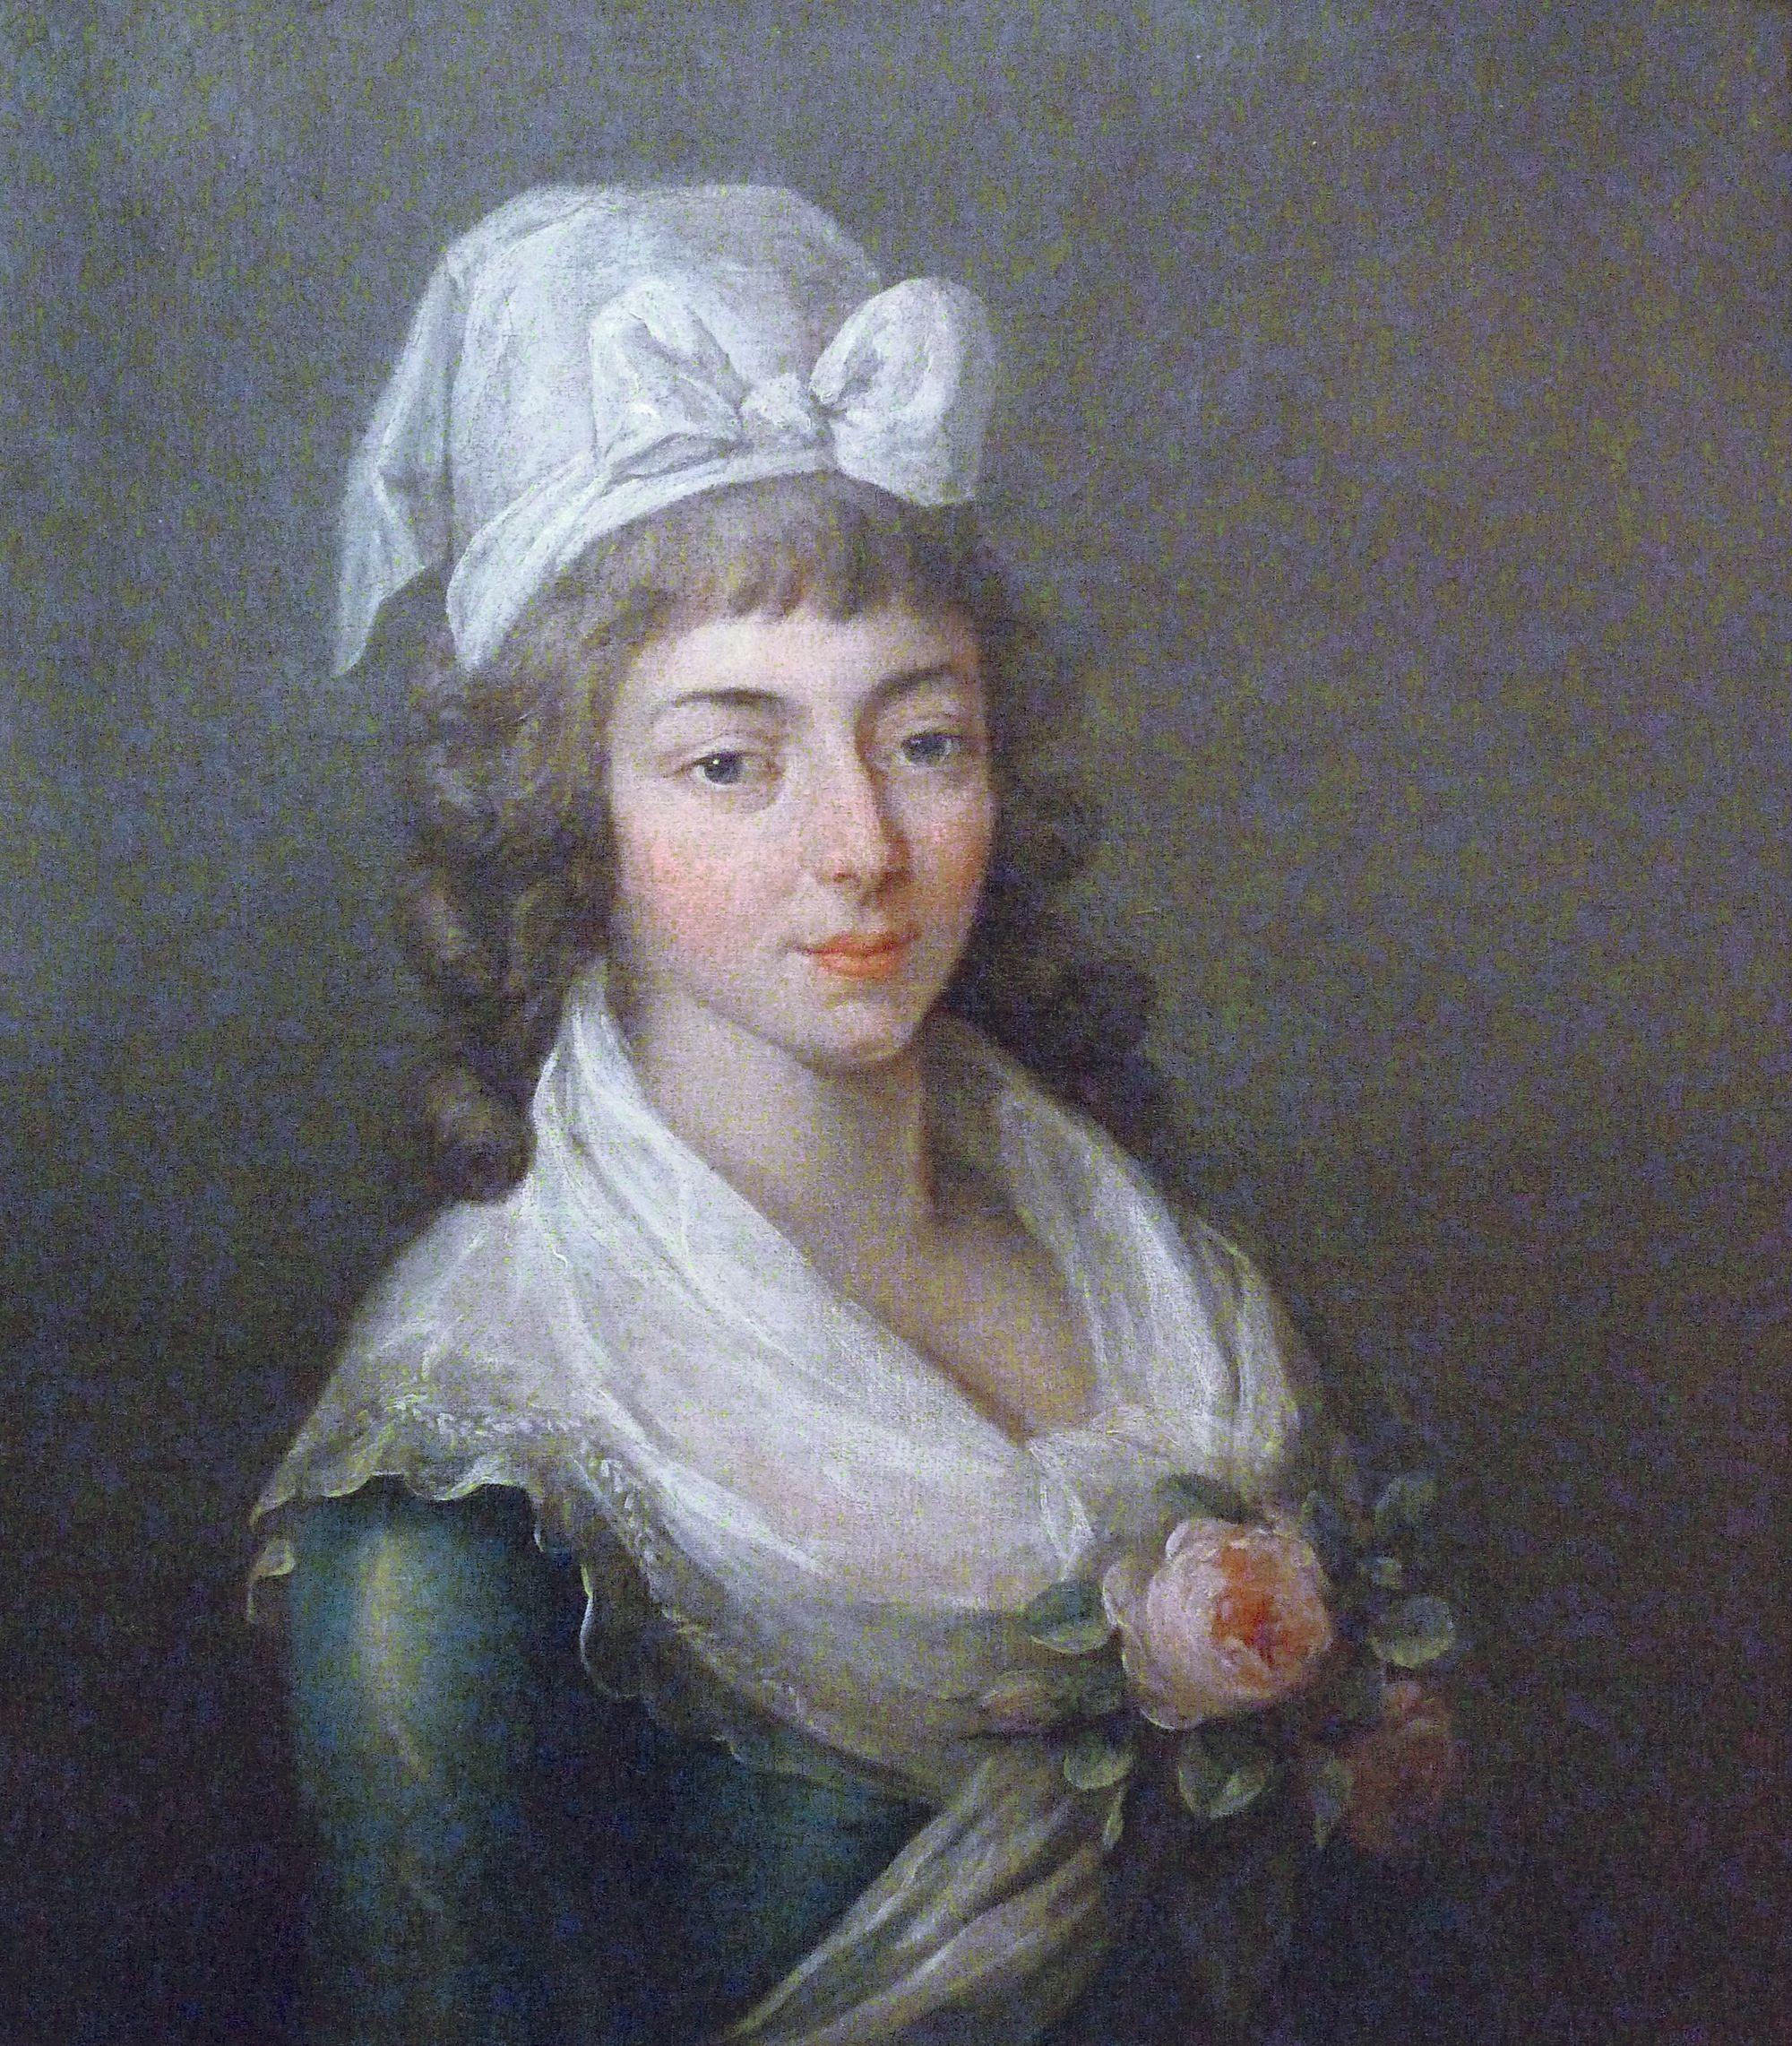 Anonyme, Portrait de Manon Roland, v. 1790, huile sur toile, musée Lambinet, Versailles.